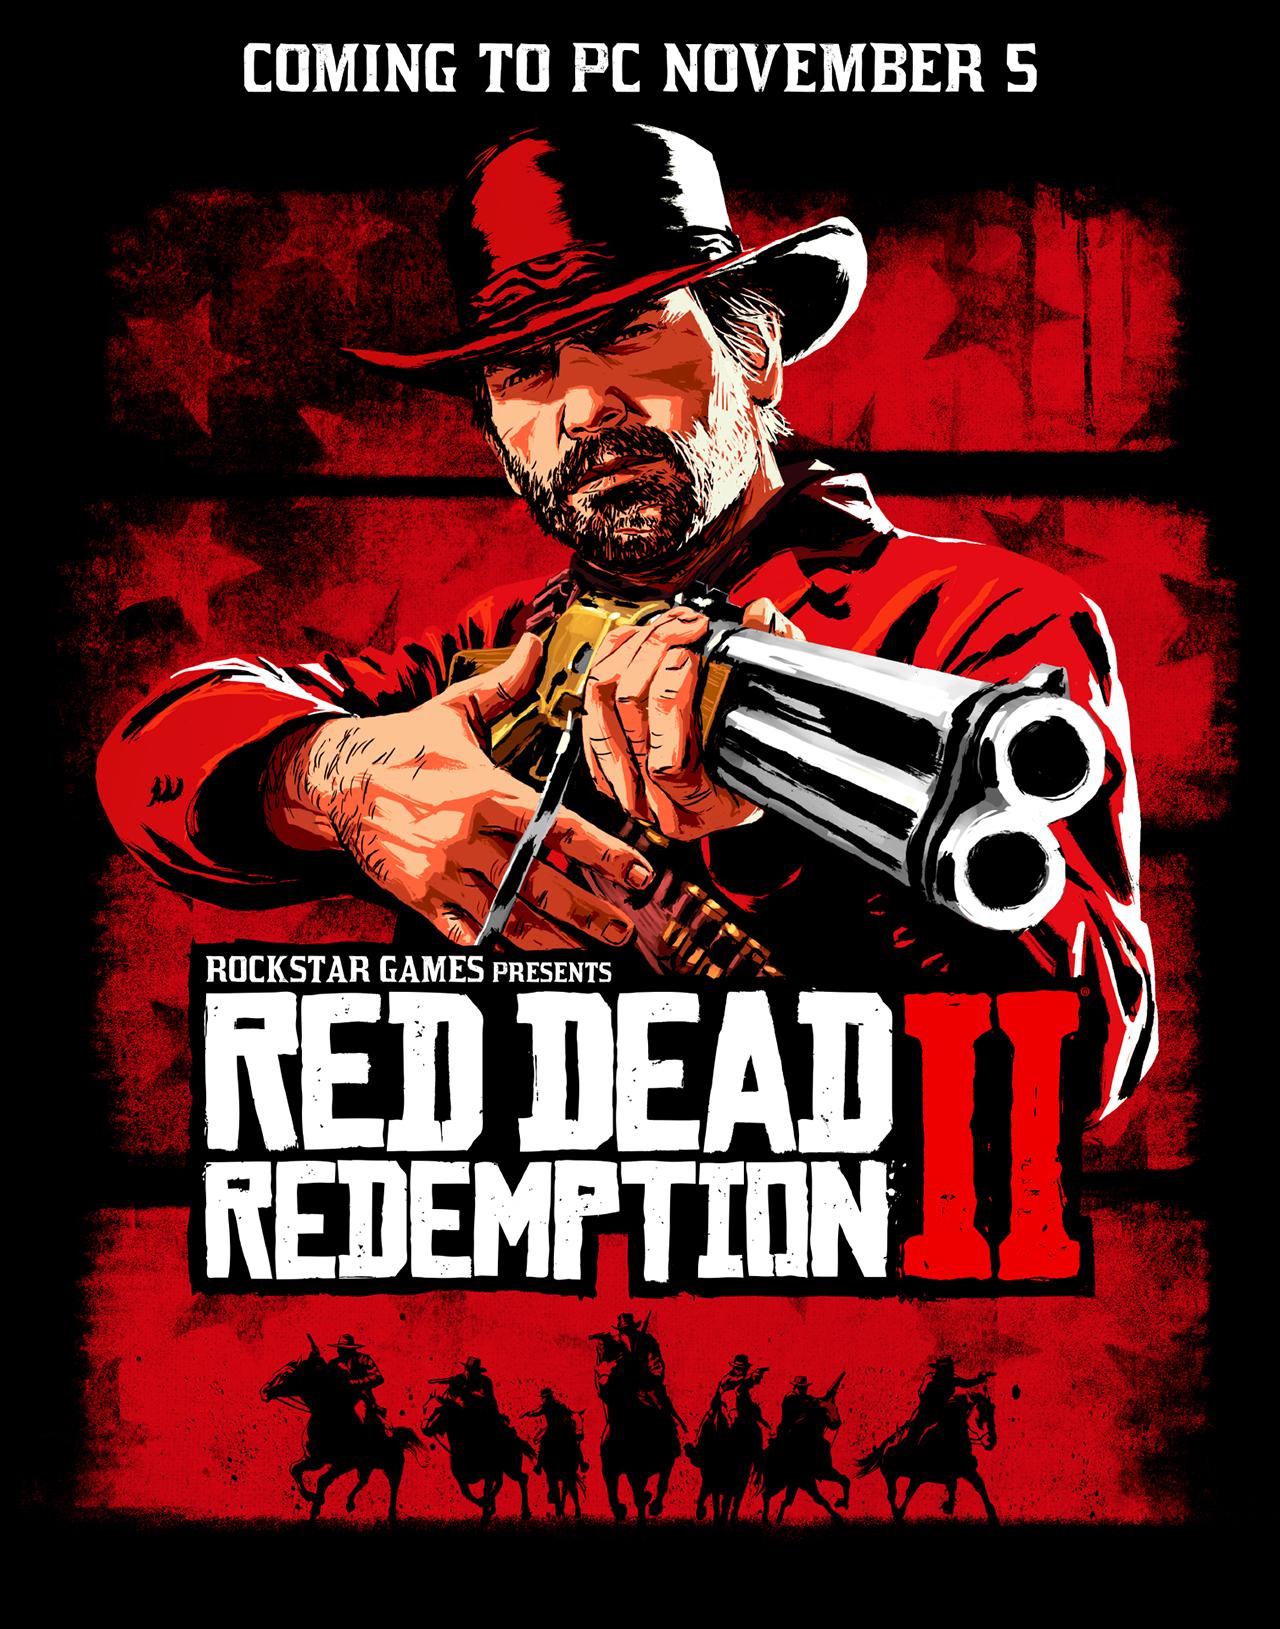 Imagem promocional de Red Dead Redemption 2 no PC